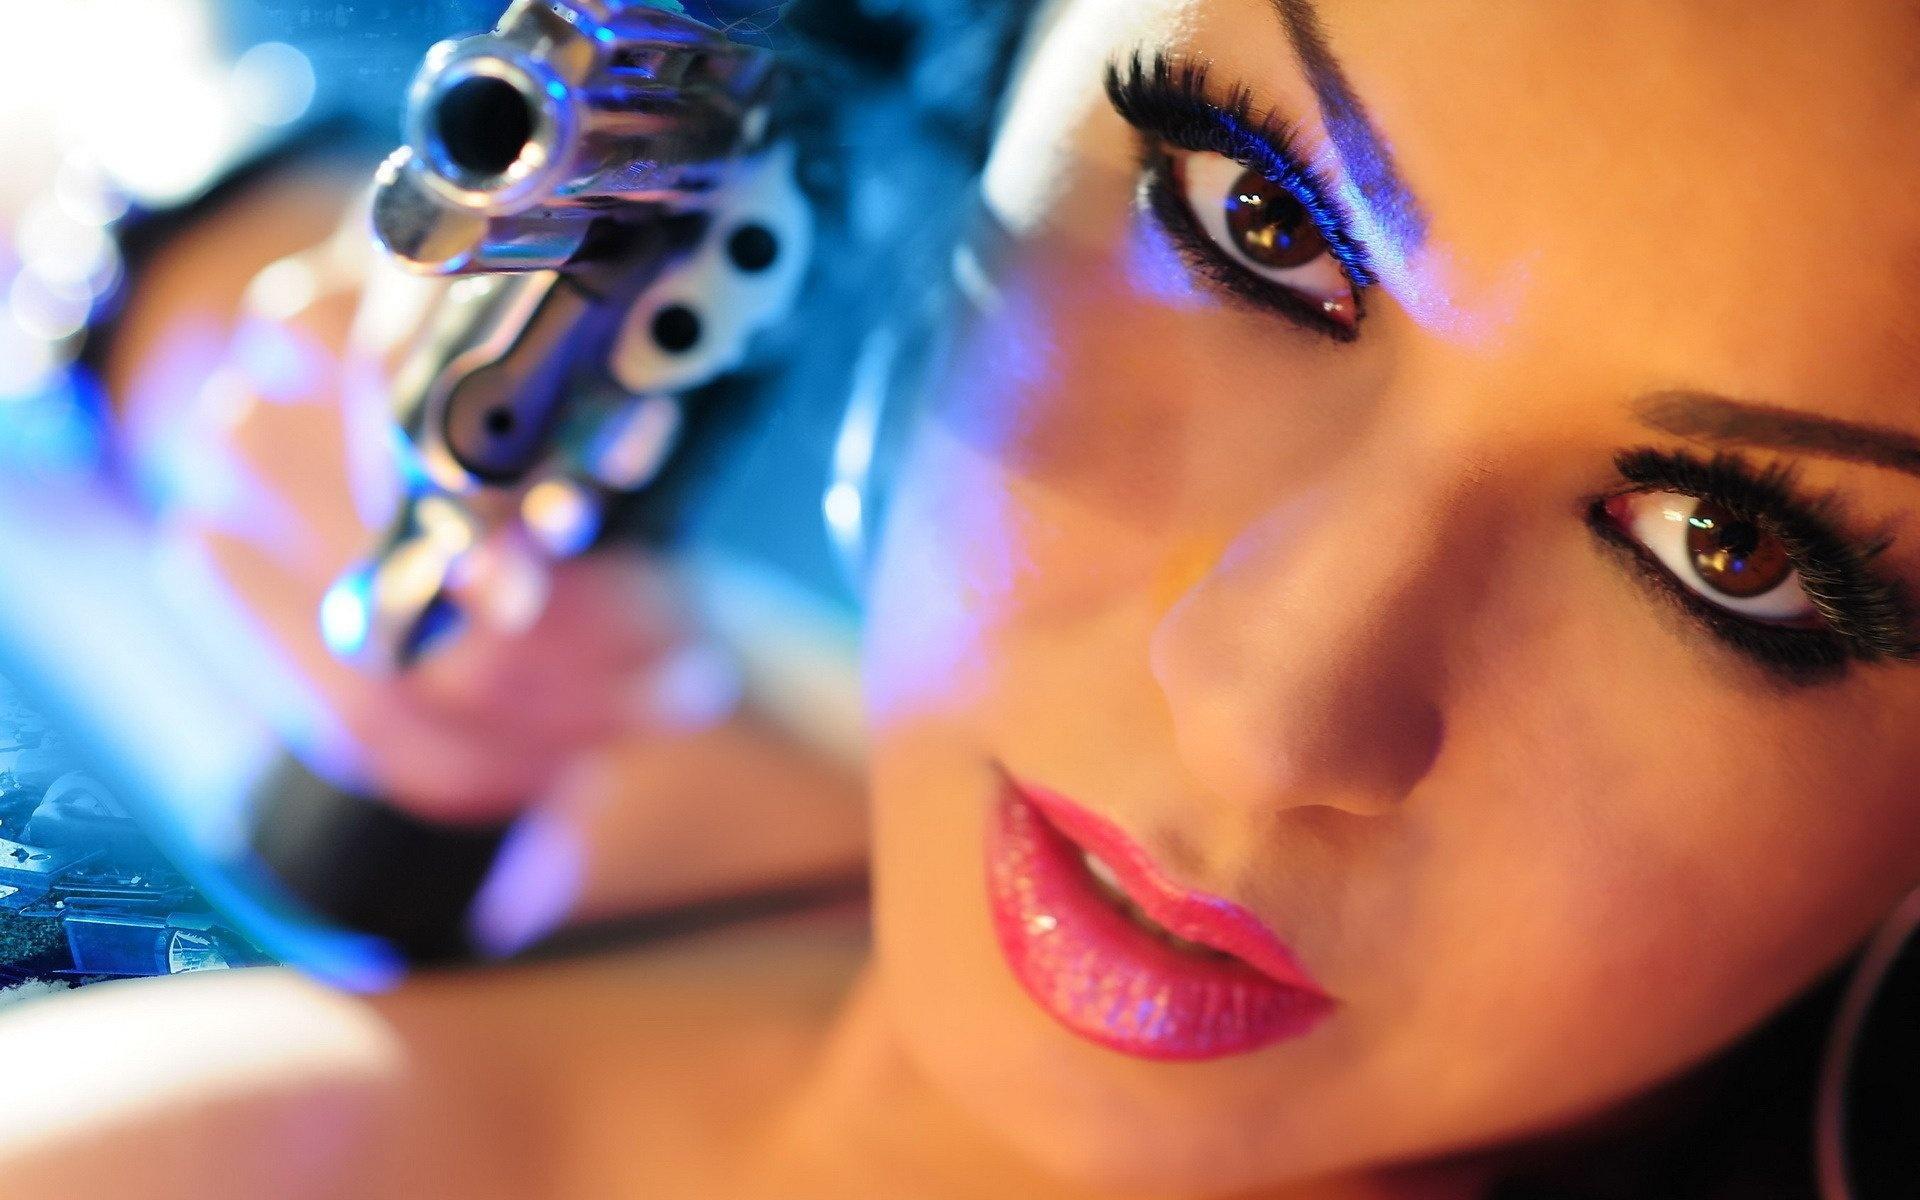 Девушка взгляд глаза пистолет обои